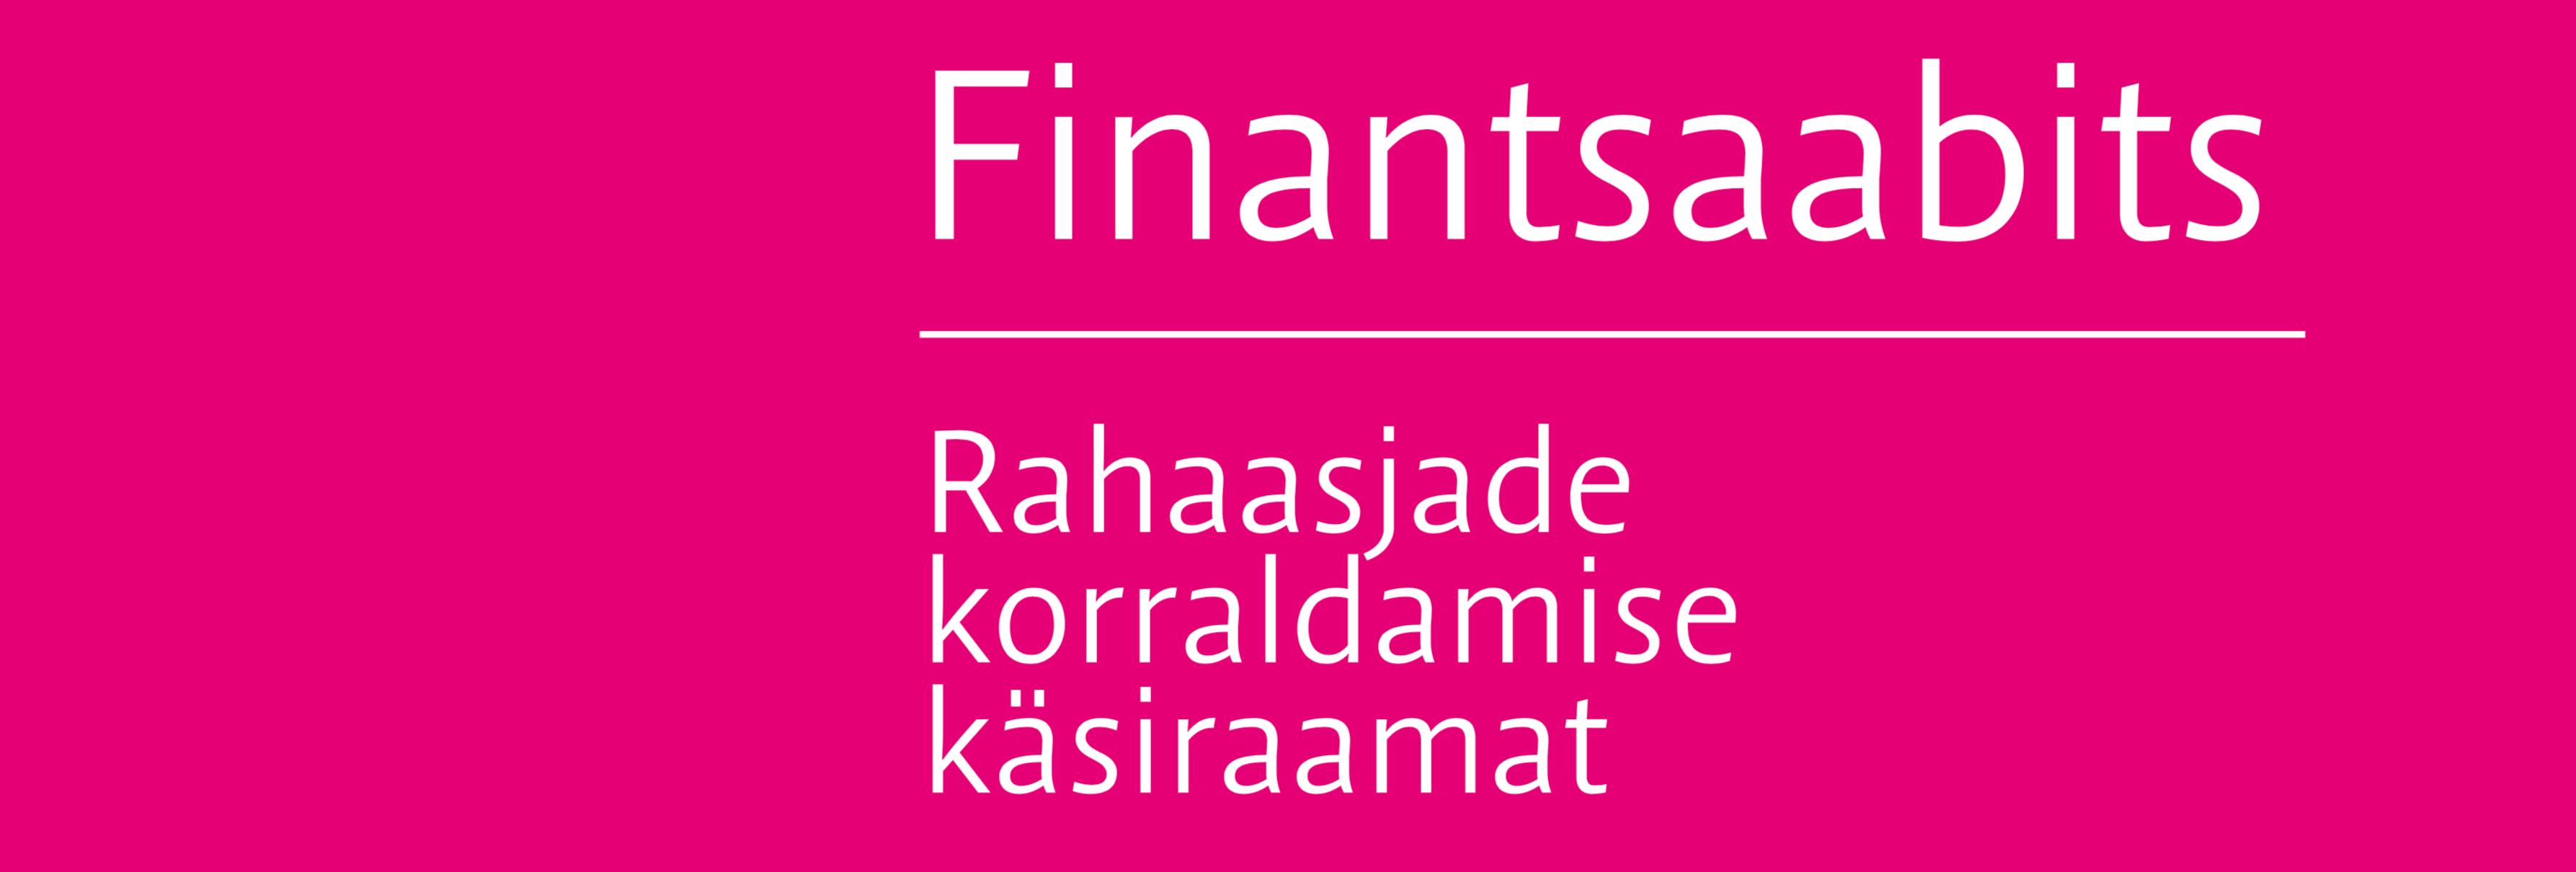 finantsaabits